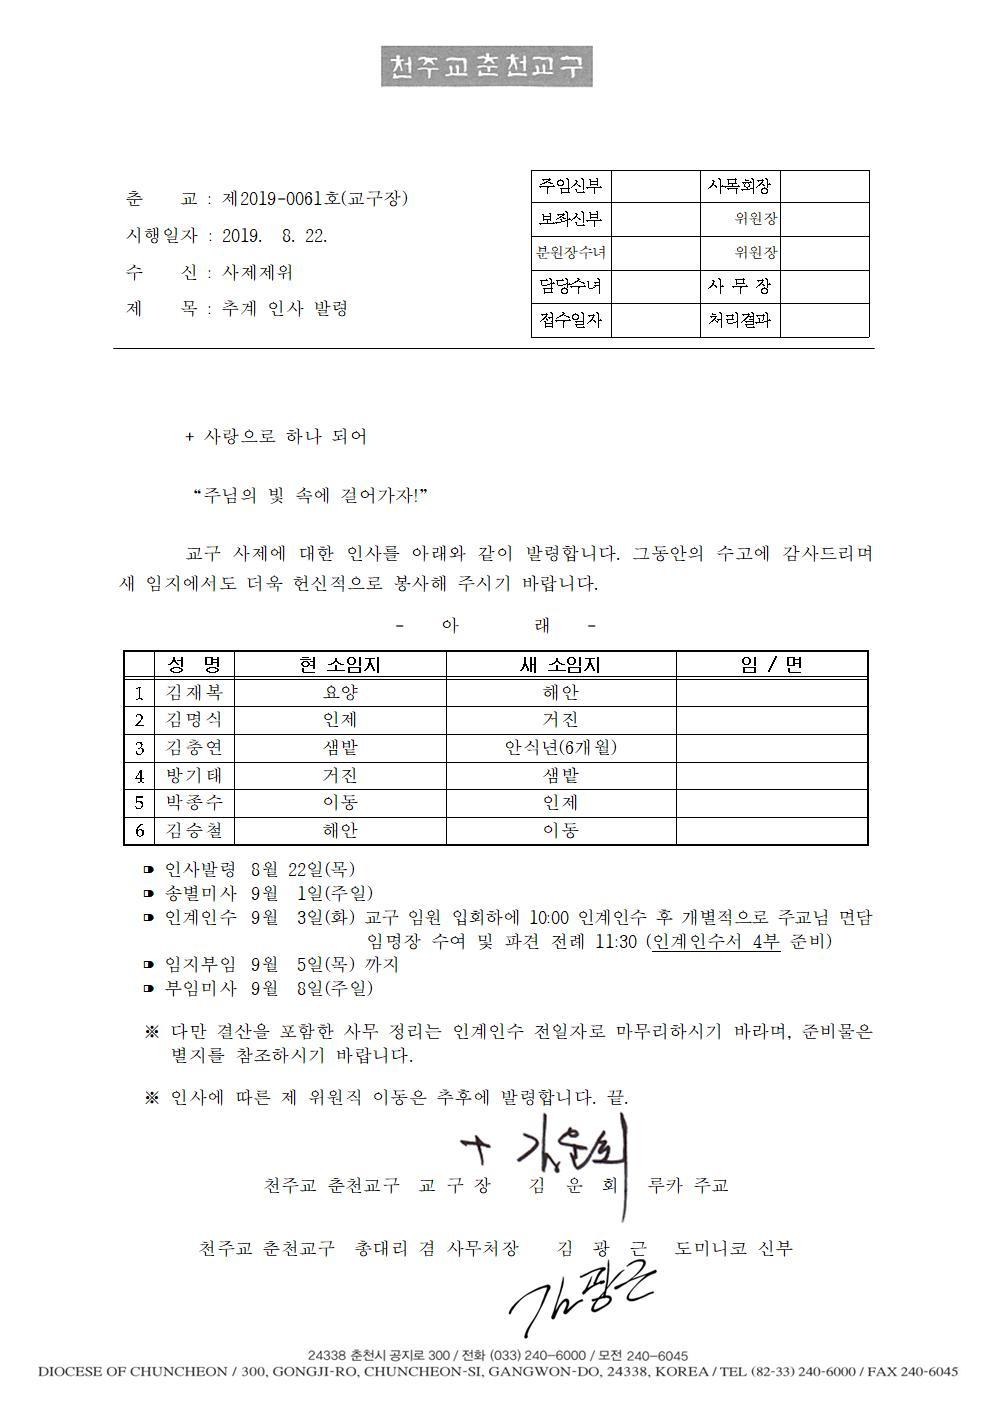 춘교 19-061호 추계 인사 발령001.jpg